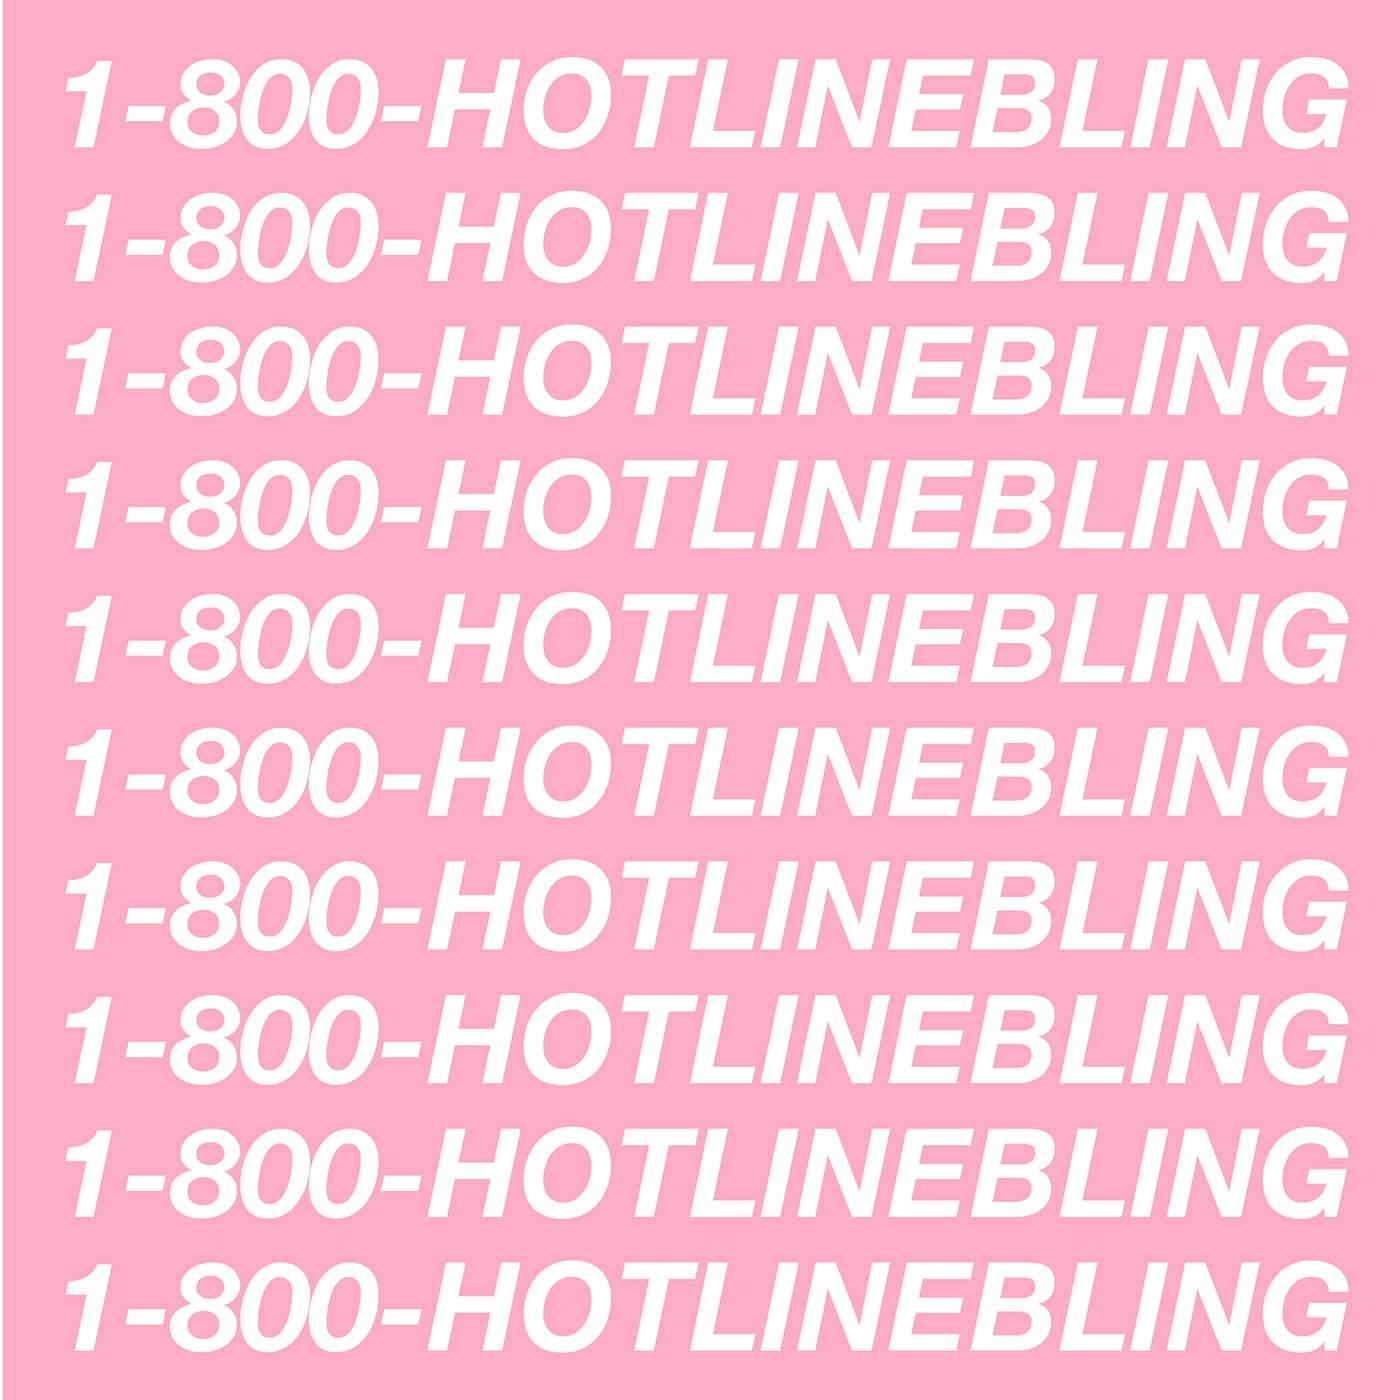 Drake - Hotline Bling - Single Cover